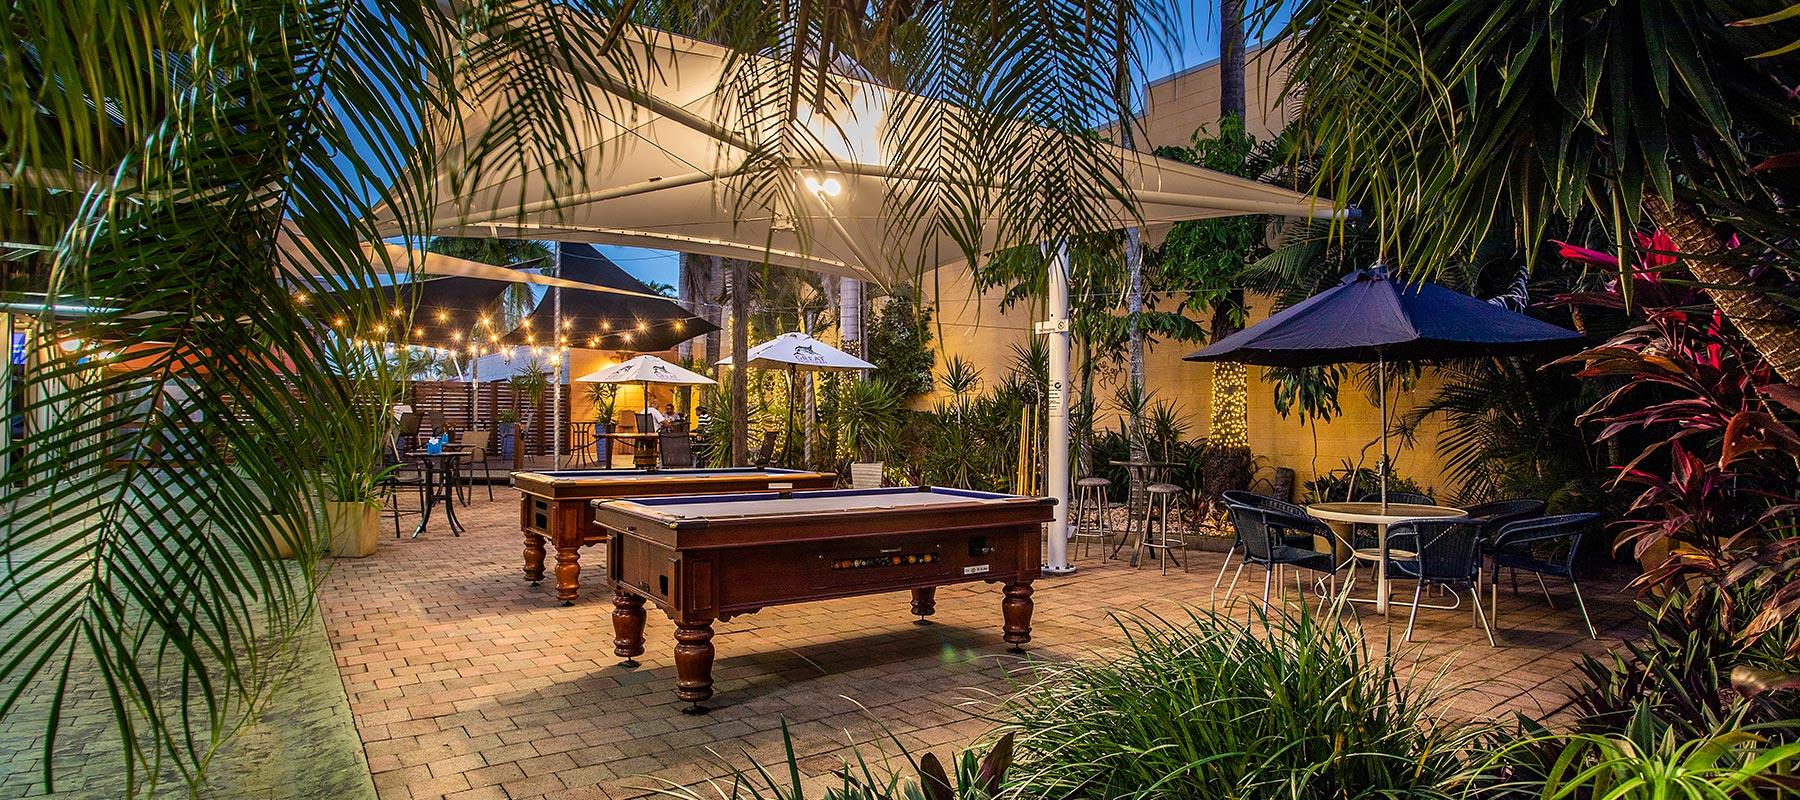 The Golden Gecko Hotel beer garden